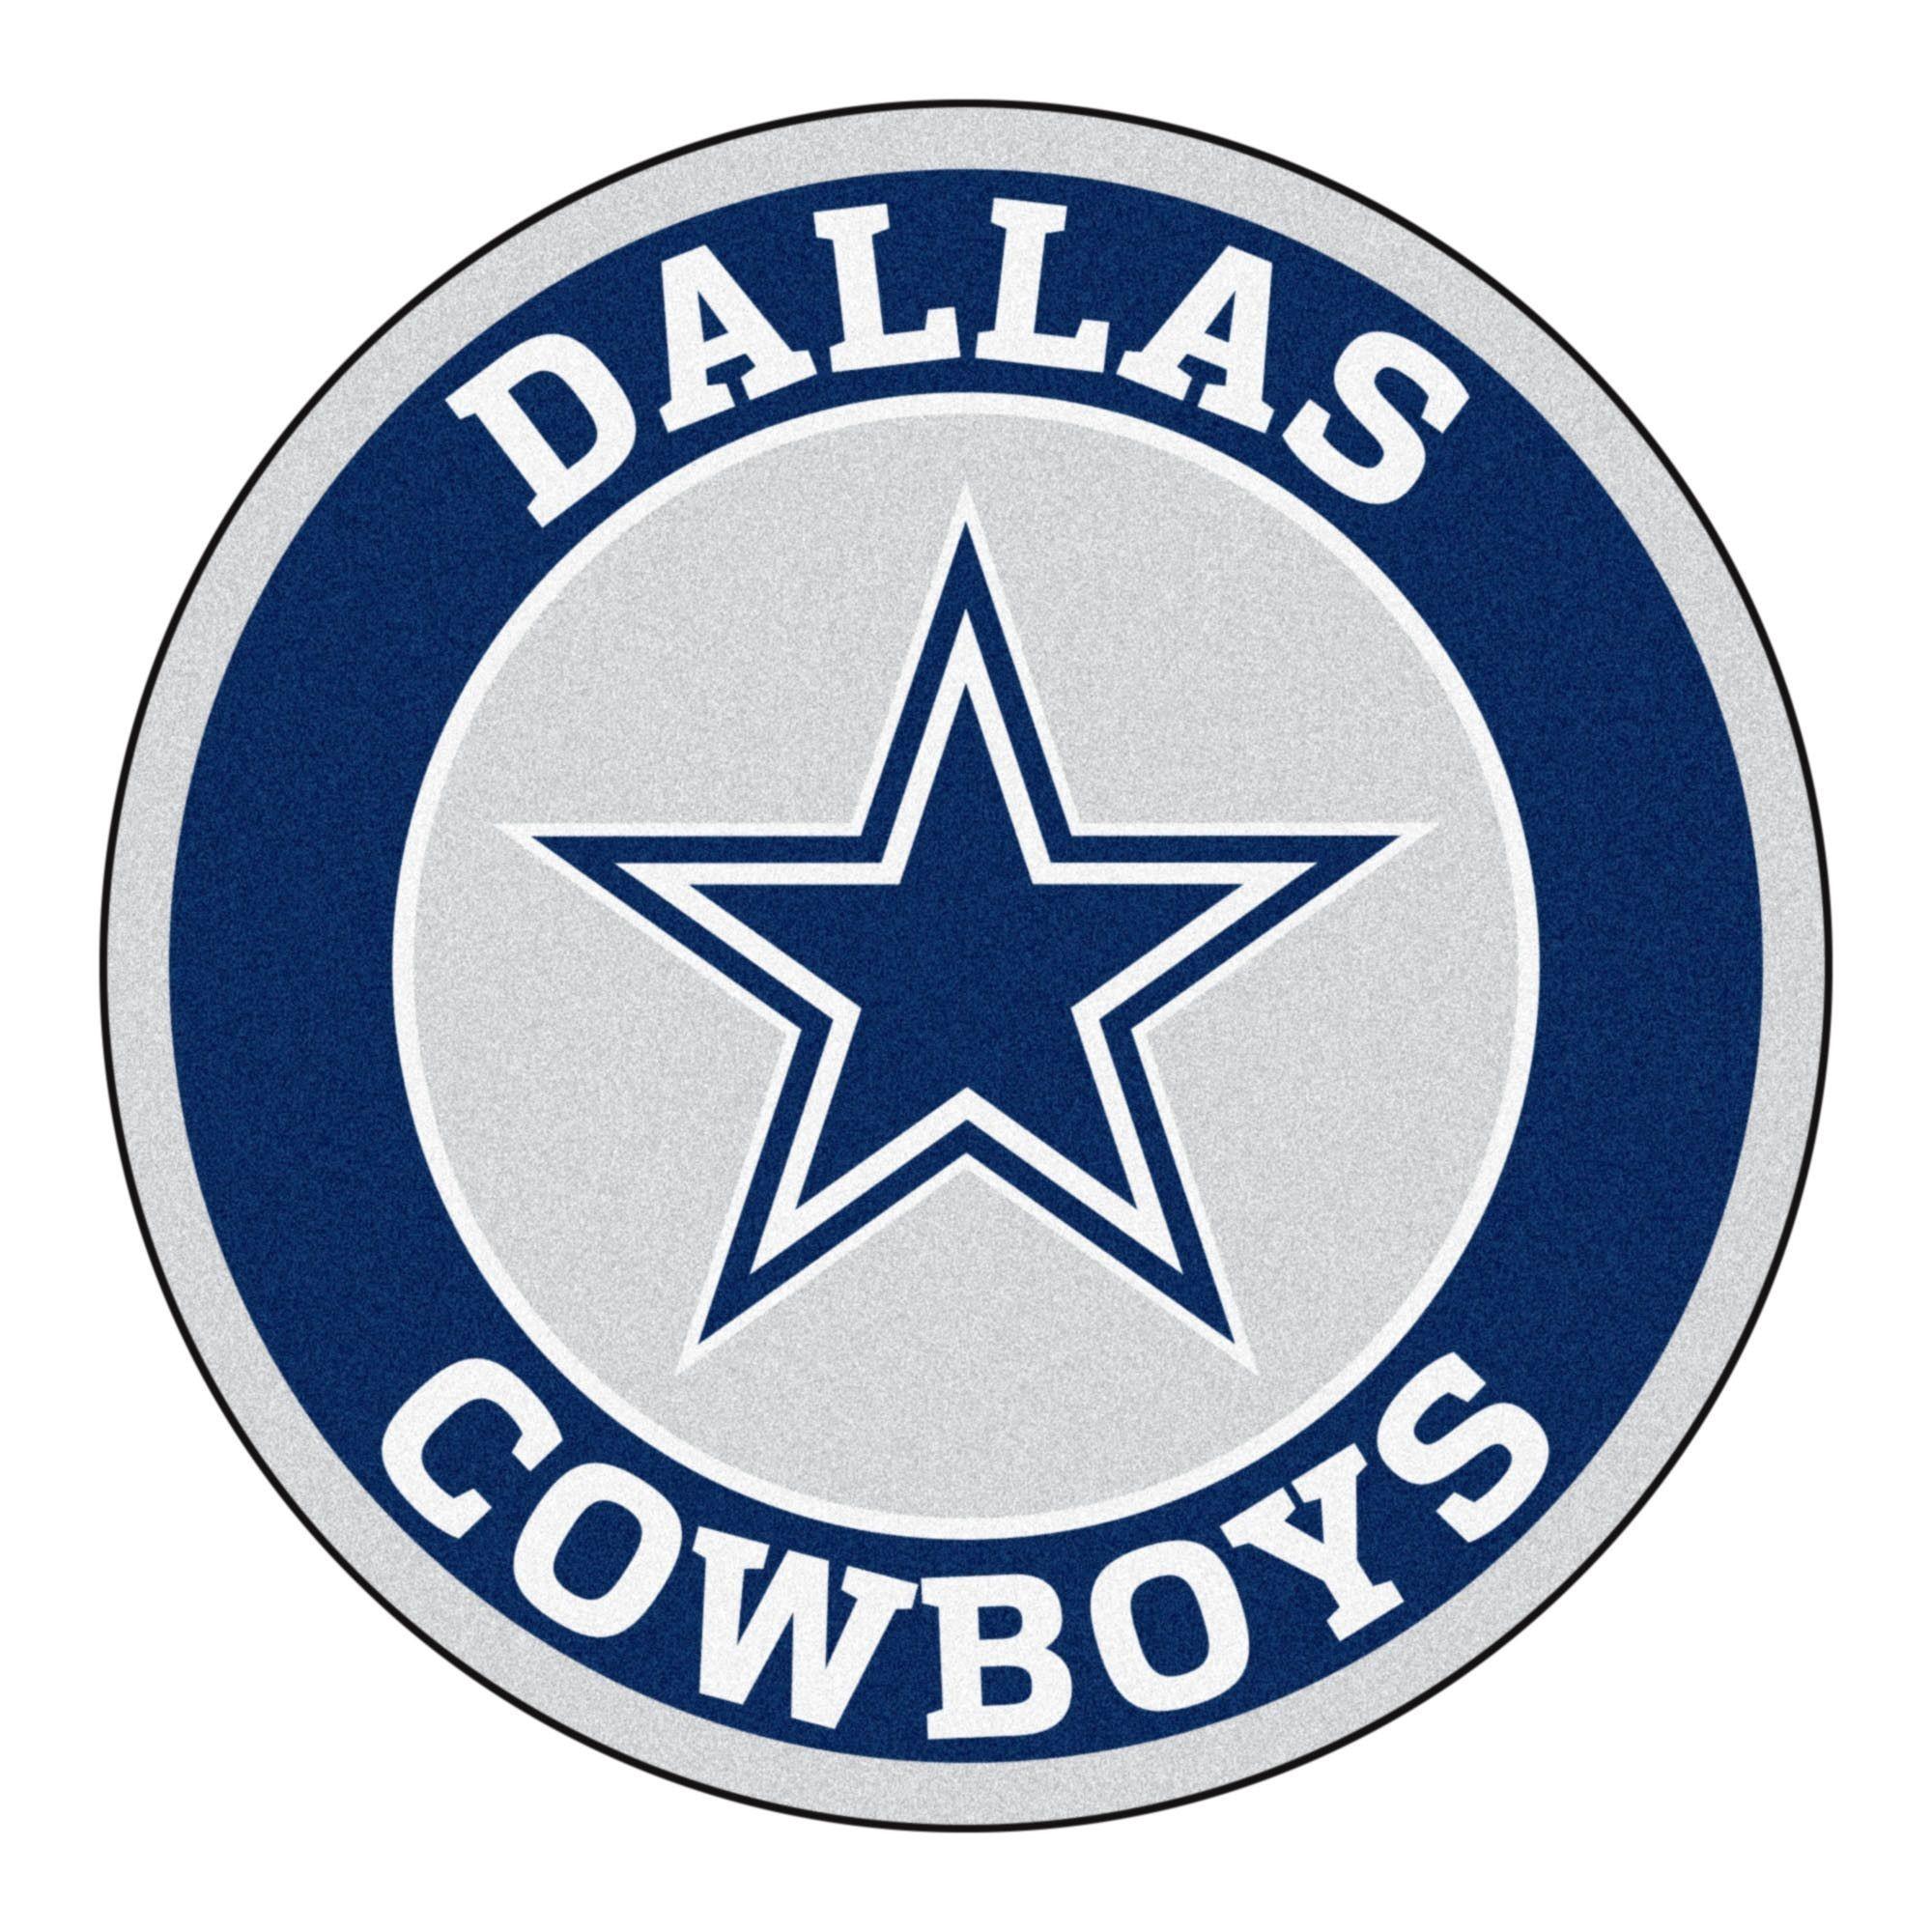 Nfl dallas cowboys logo 8 jpg.